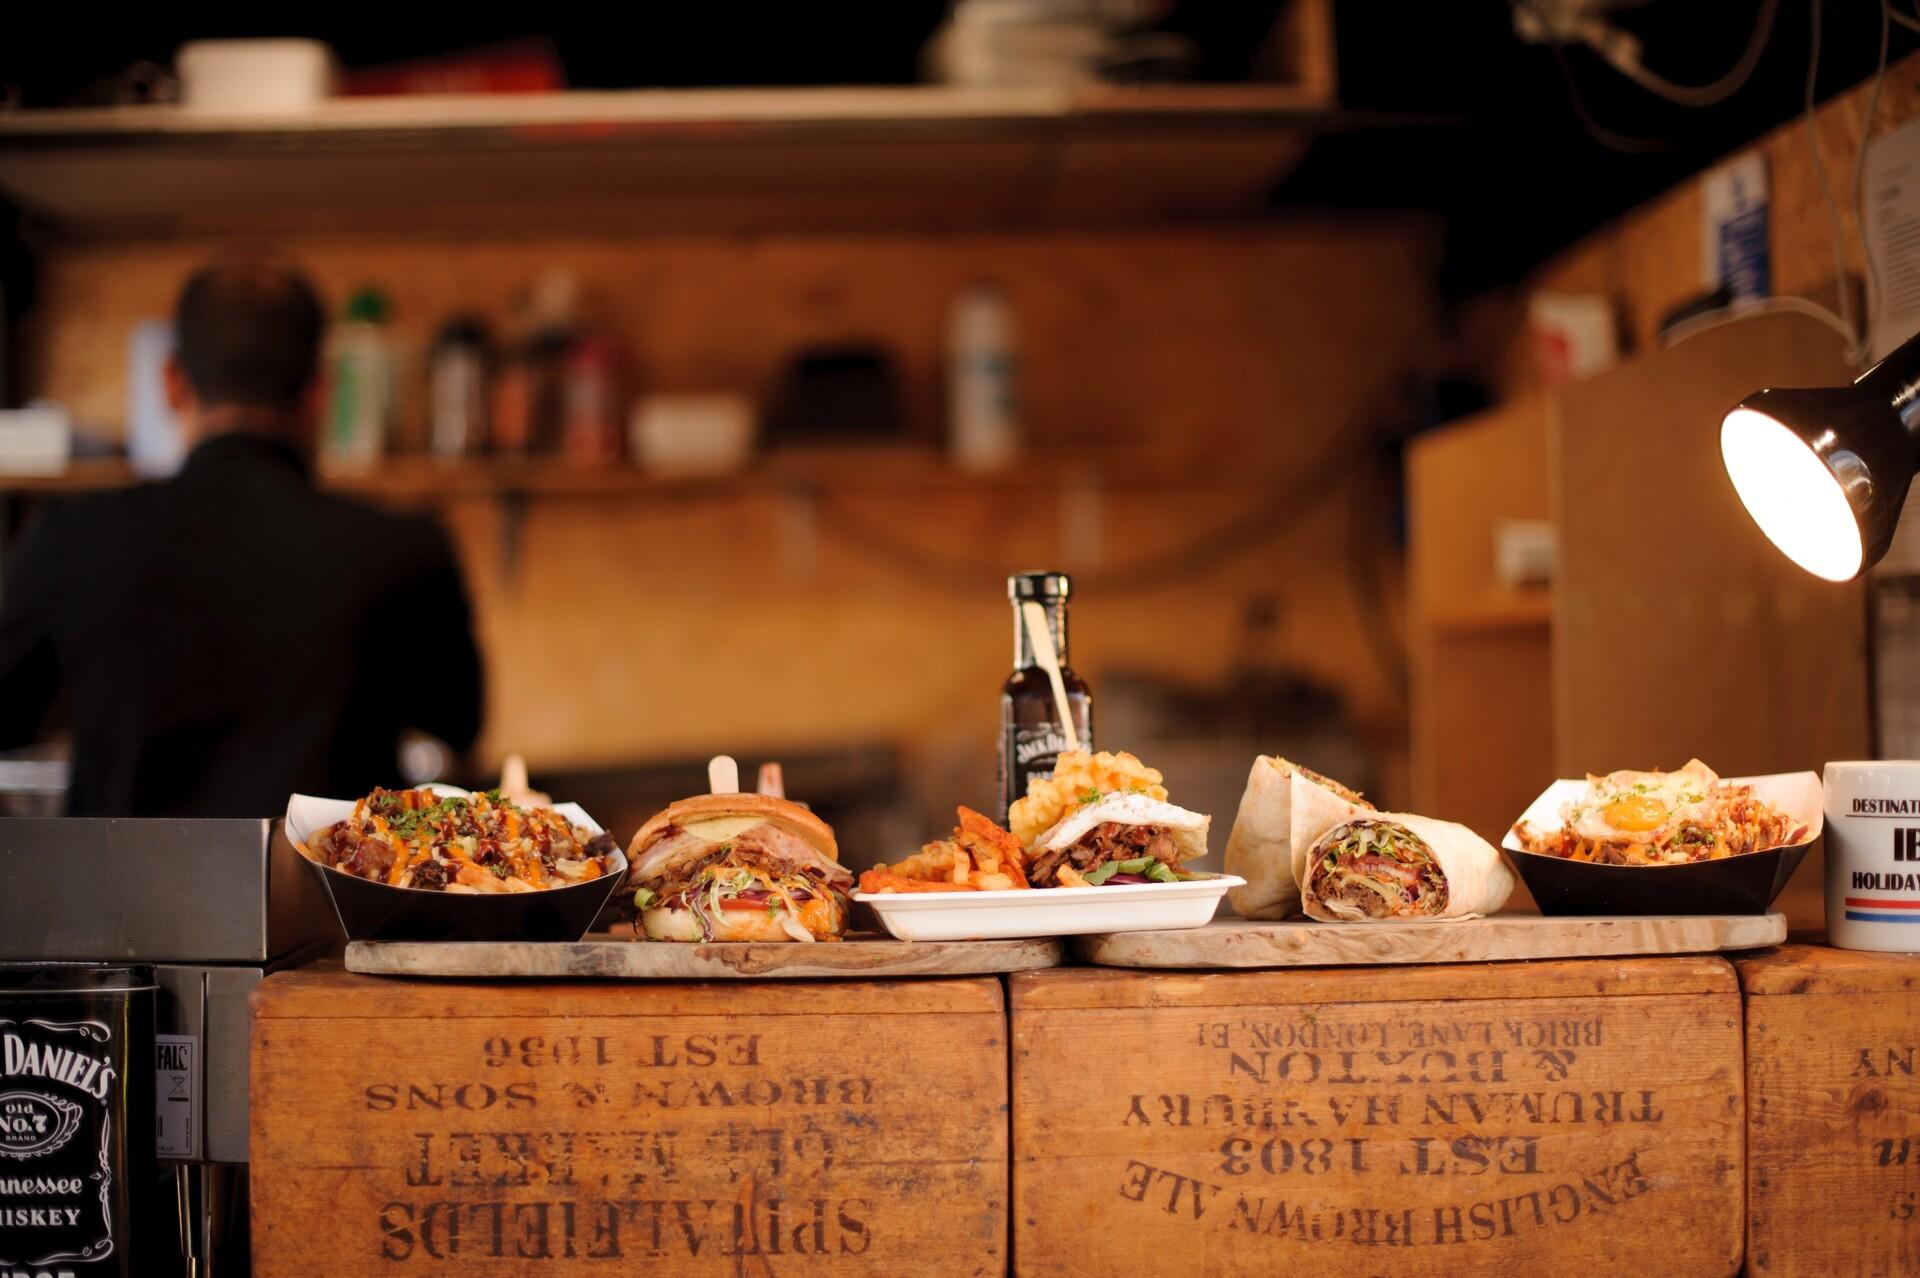 Dónde comer en Cracovia - Los mejores restaurantes en Cracovia